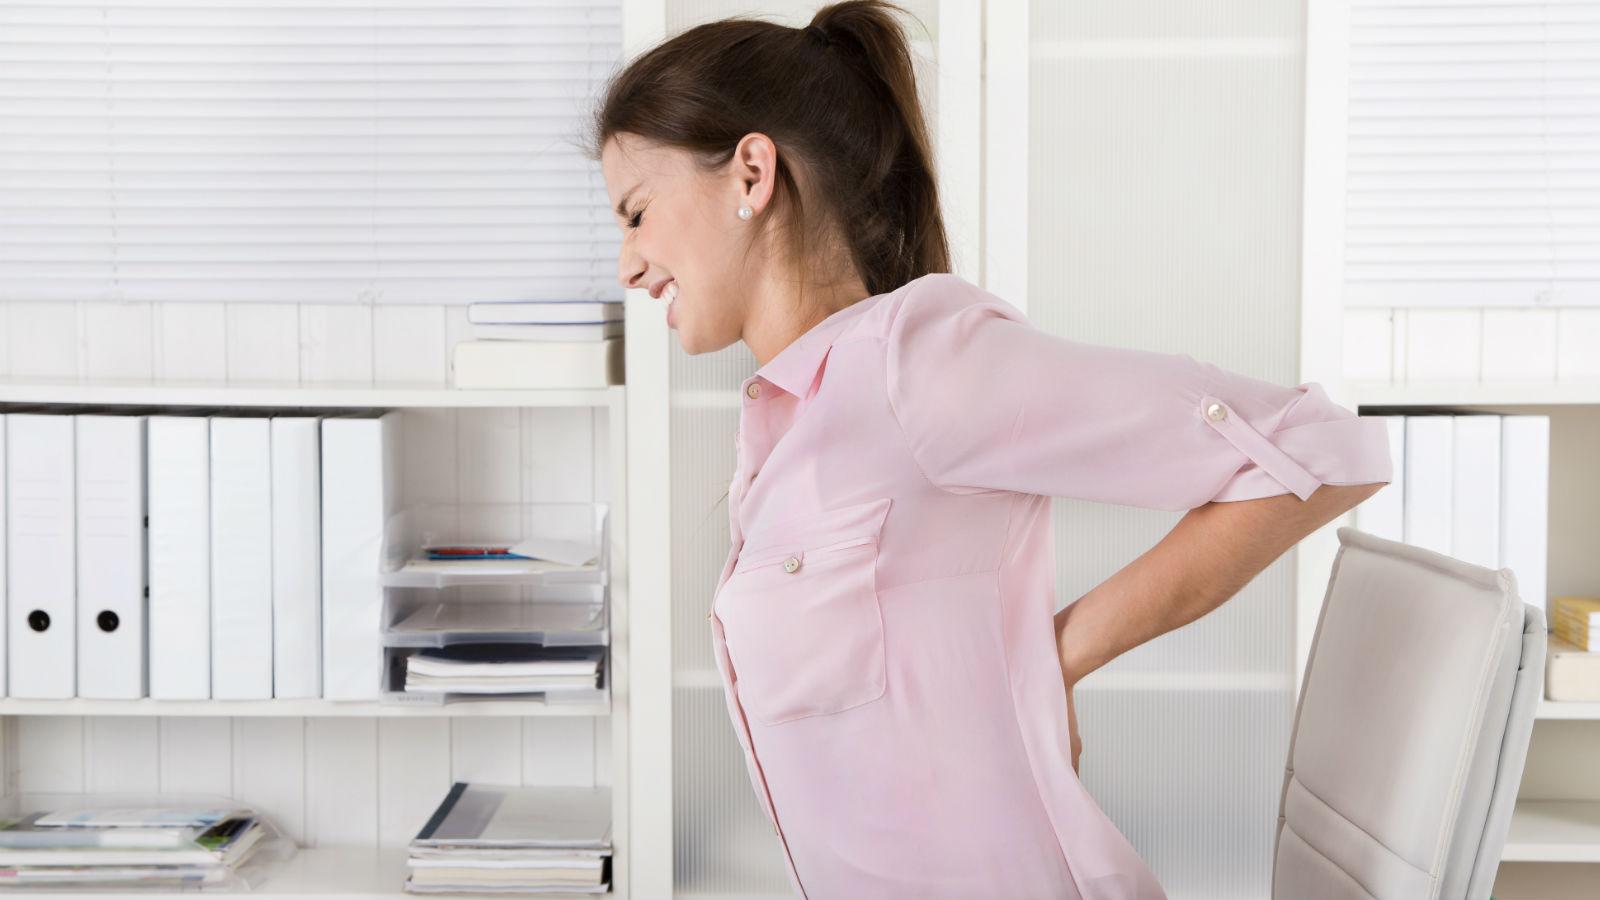 7 ejercicios para fortalecer la espalda y prevenir el dolor